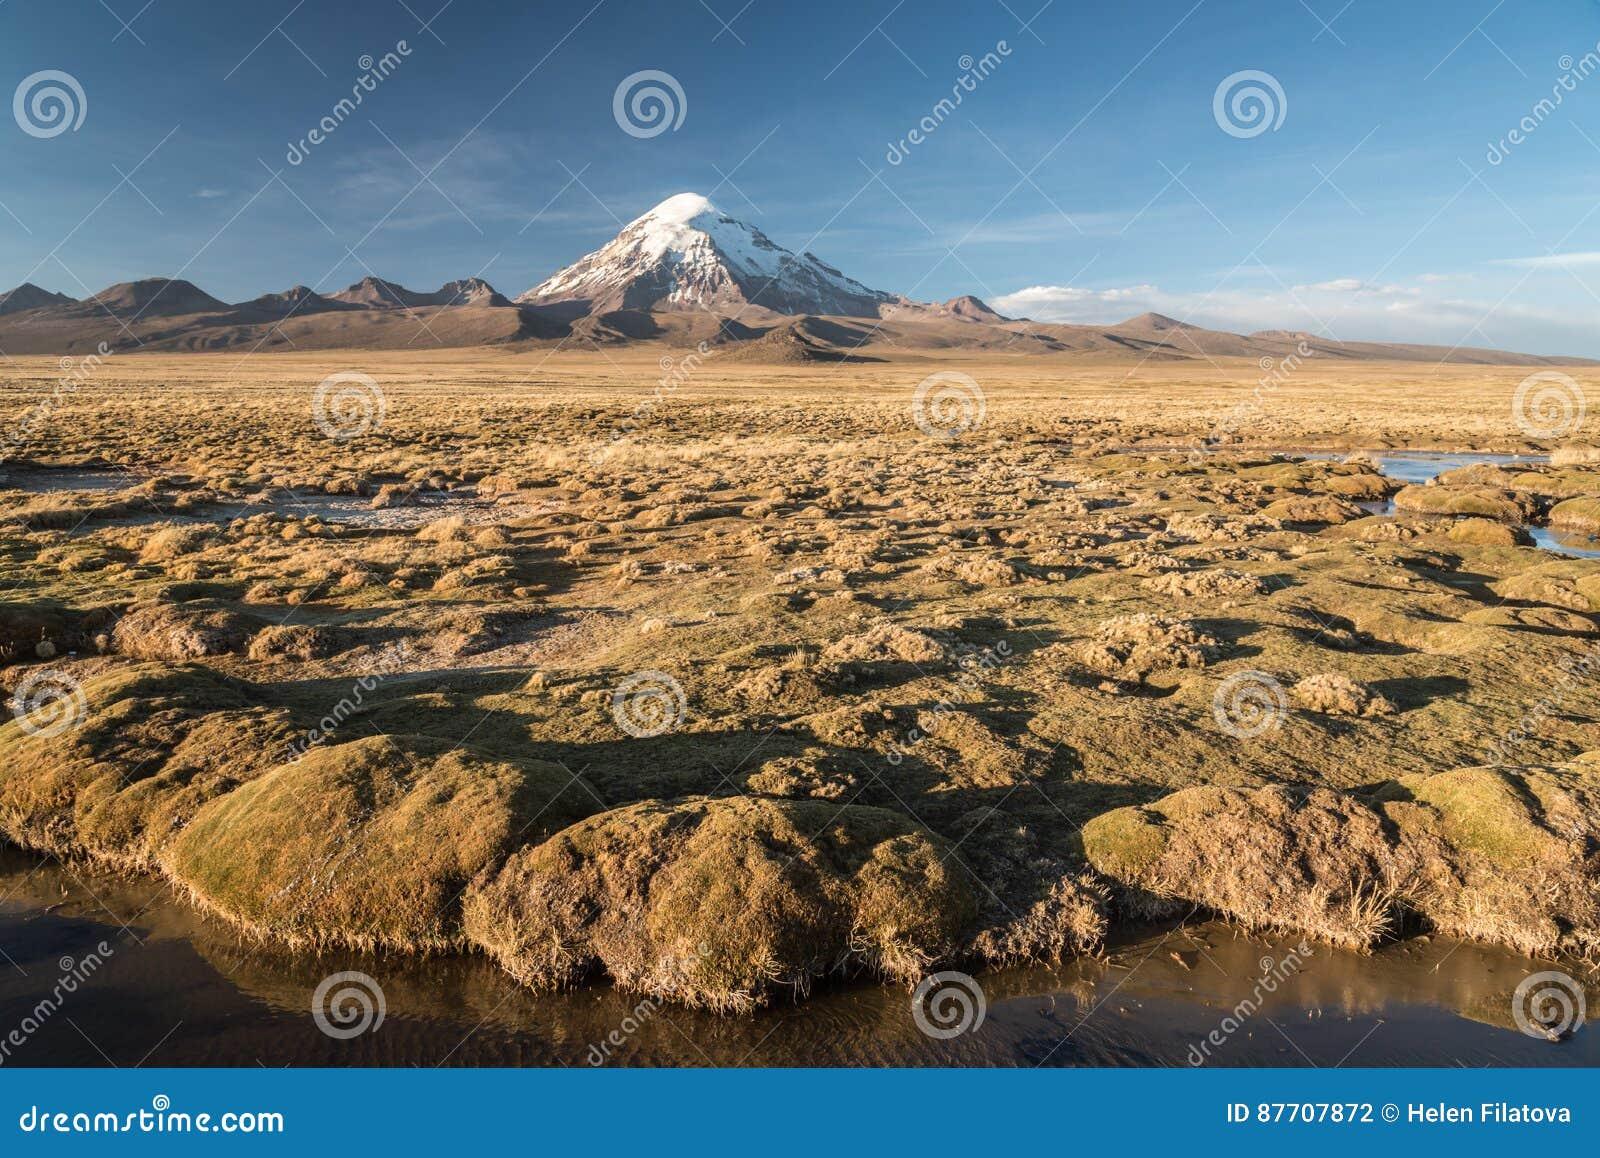 Volcano Nevado Sajama